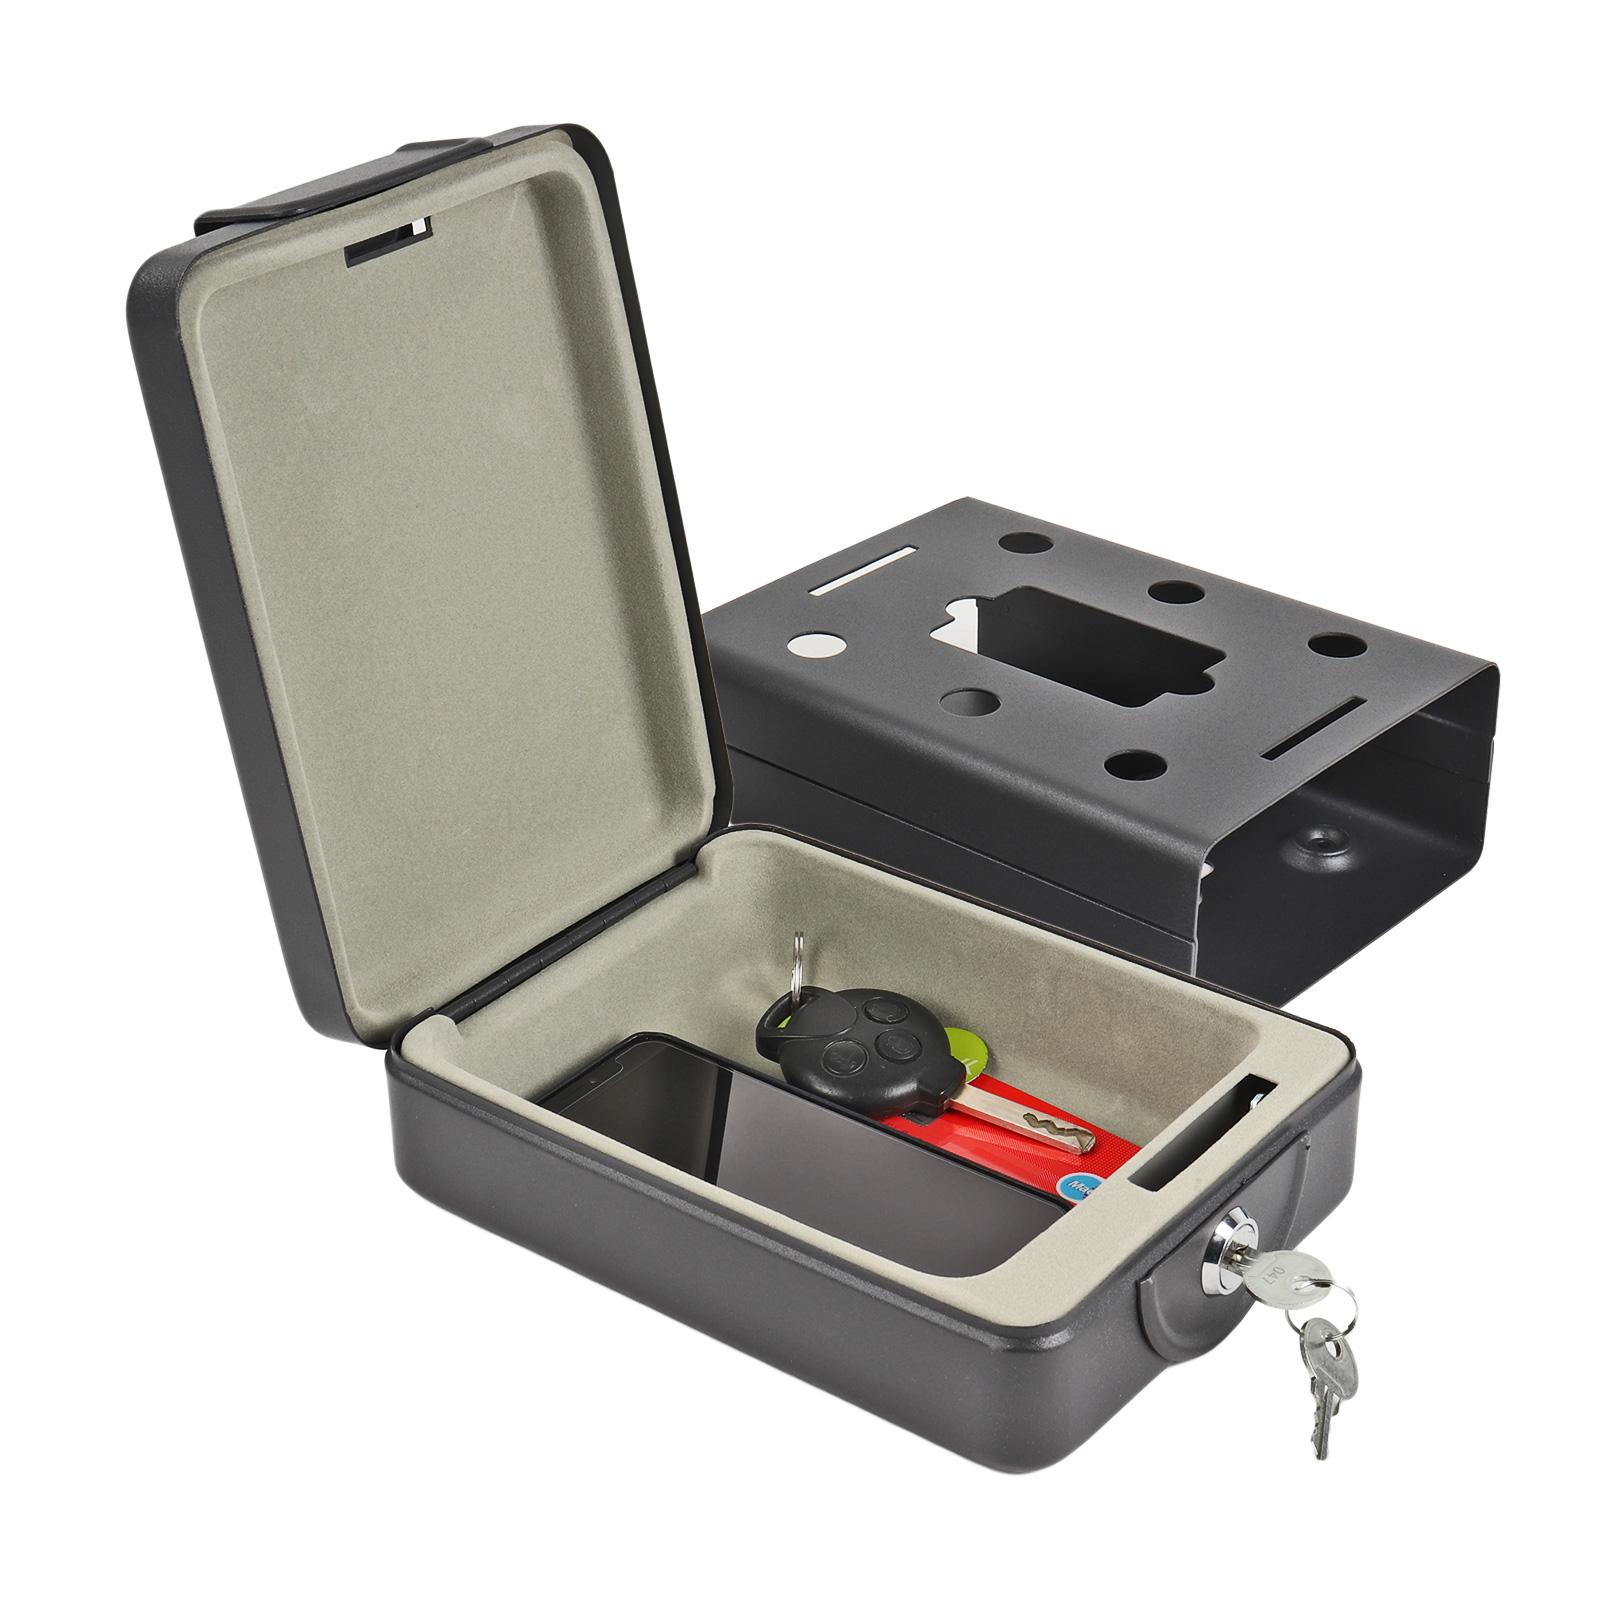 Mobilsafe Stahlsafe  | 1,7Kg  | inkl Halterung  | 2 Schlüssel  | Safe